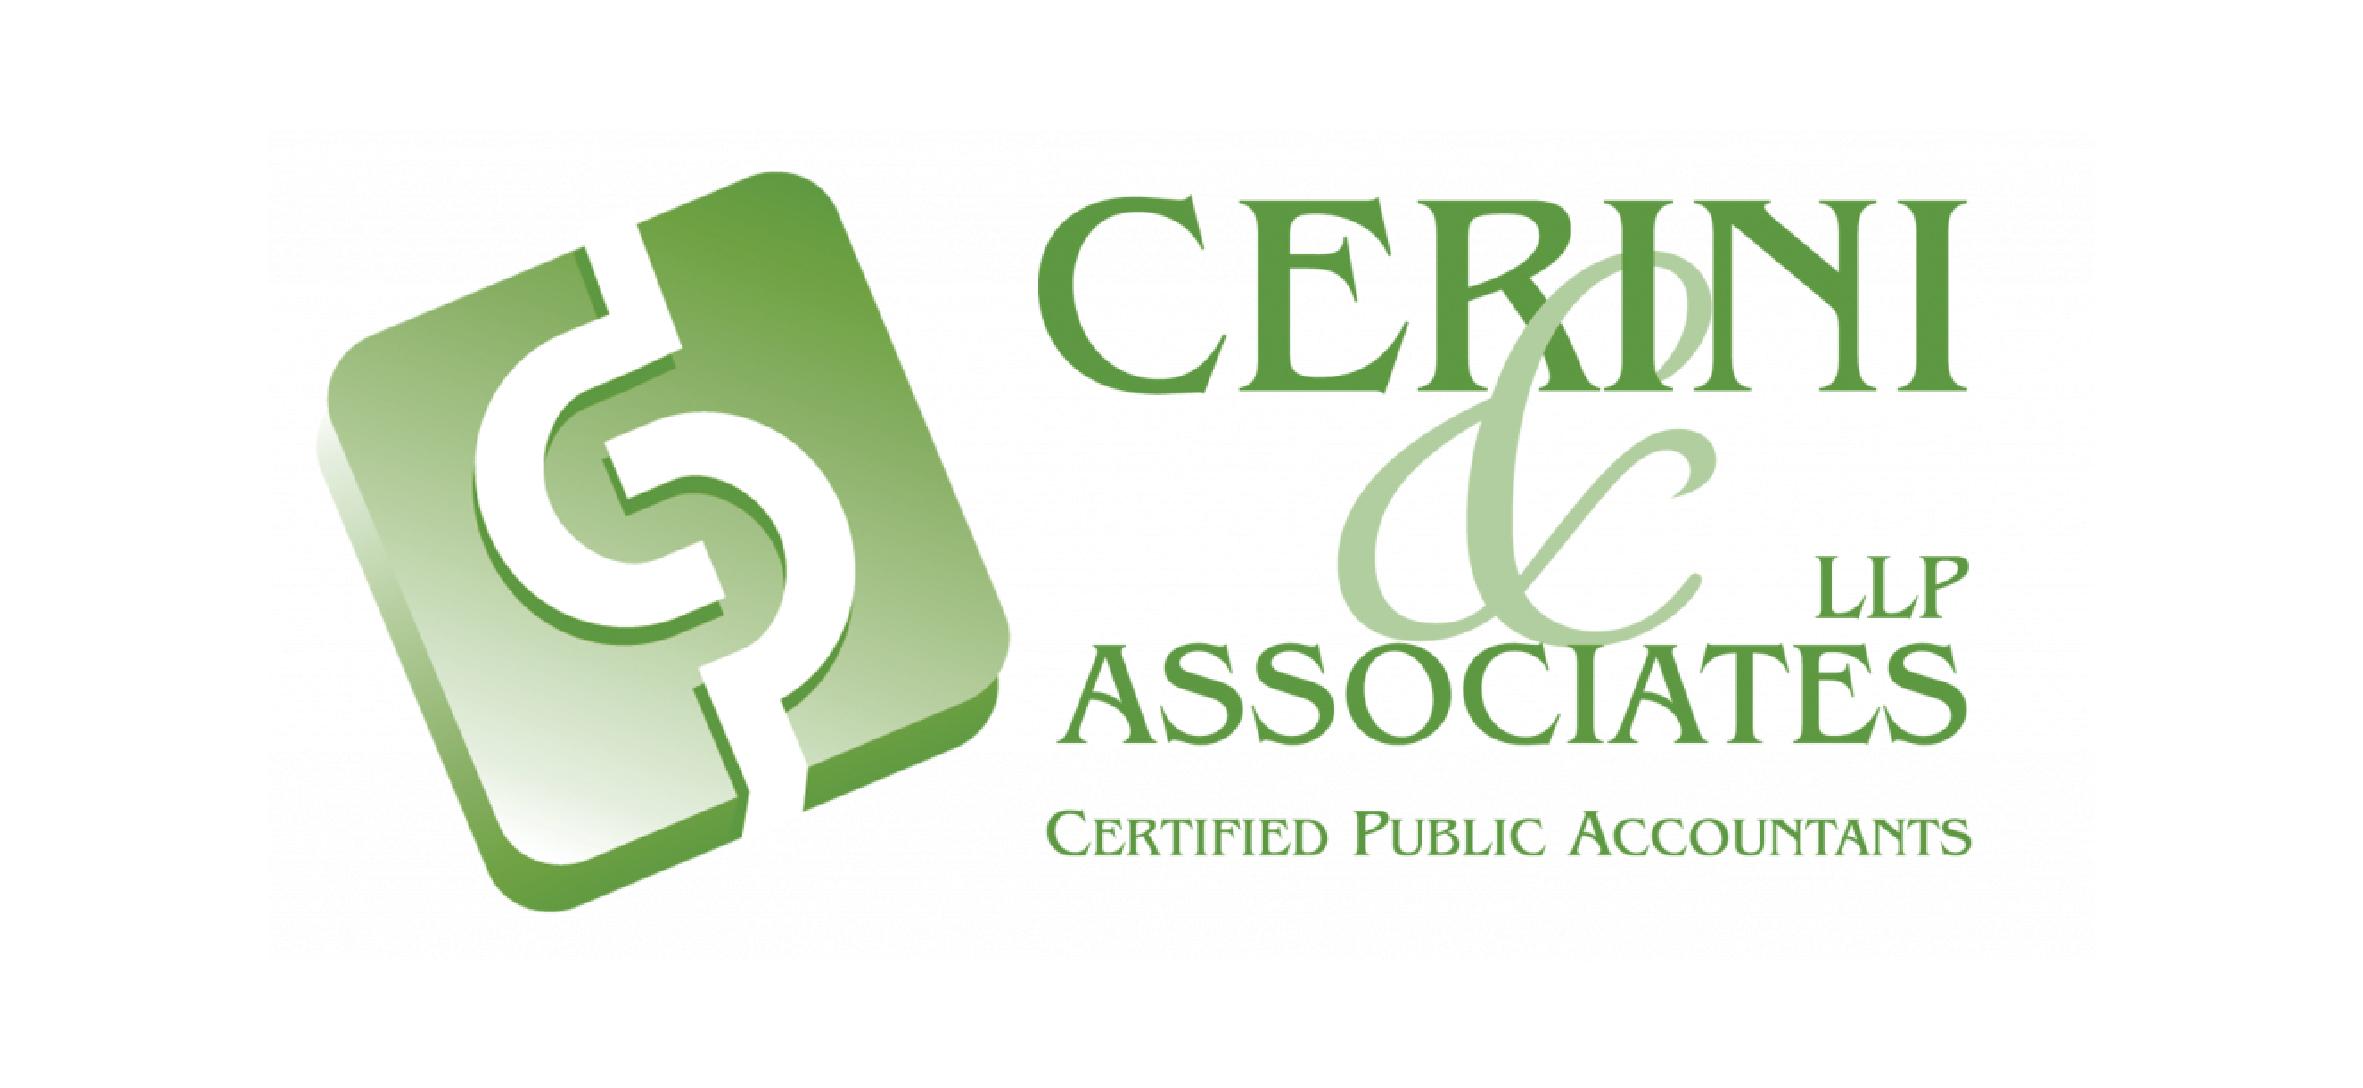 cerini & associates logo